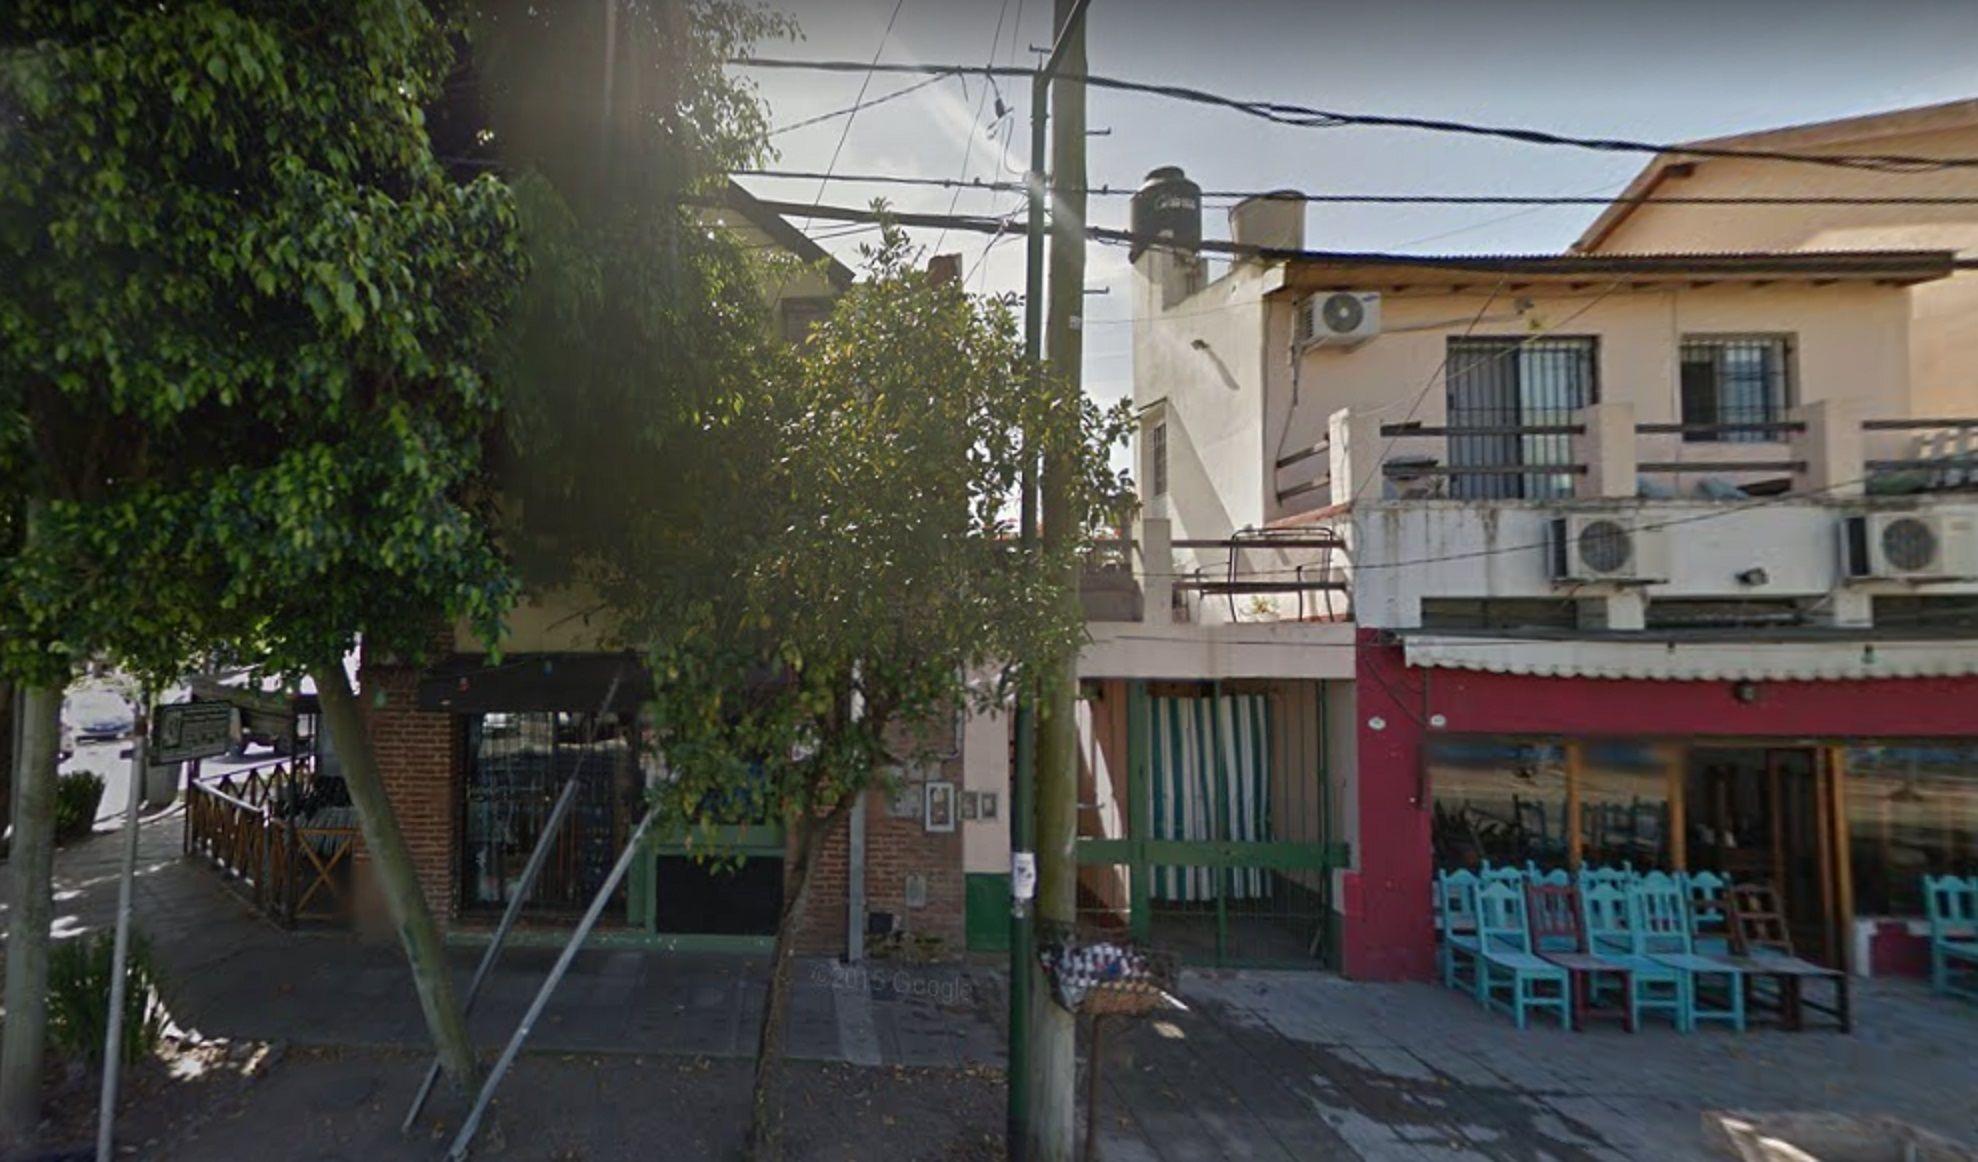 Brutal femcidio en San Isidro: un jubilado mató a su mujer de 20 puñaladas